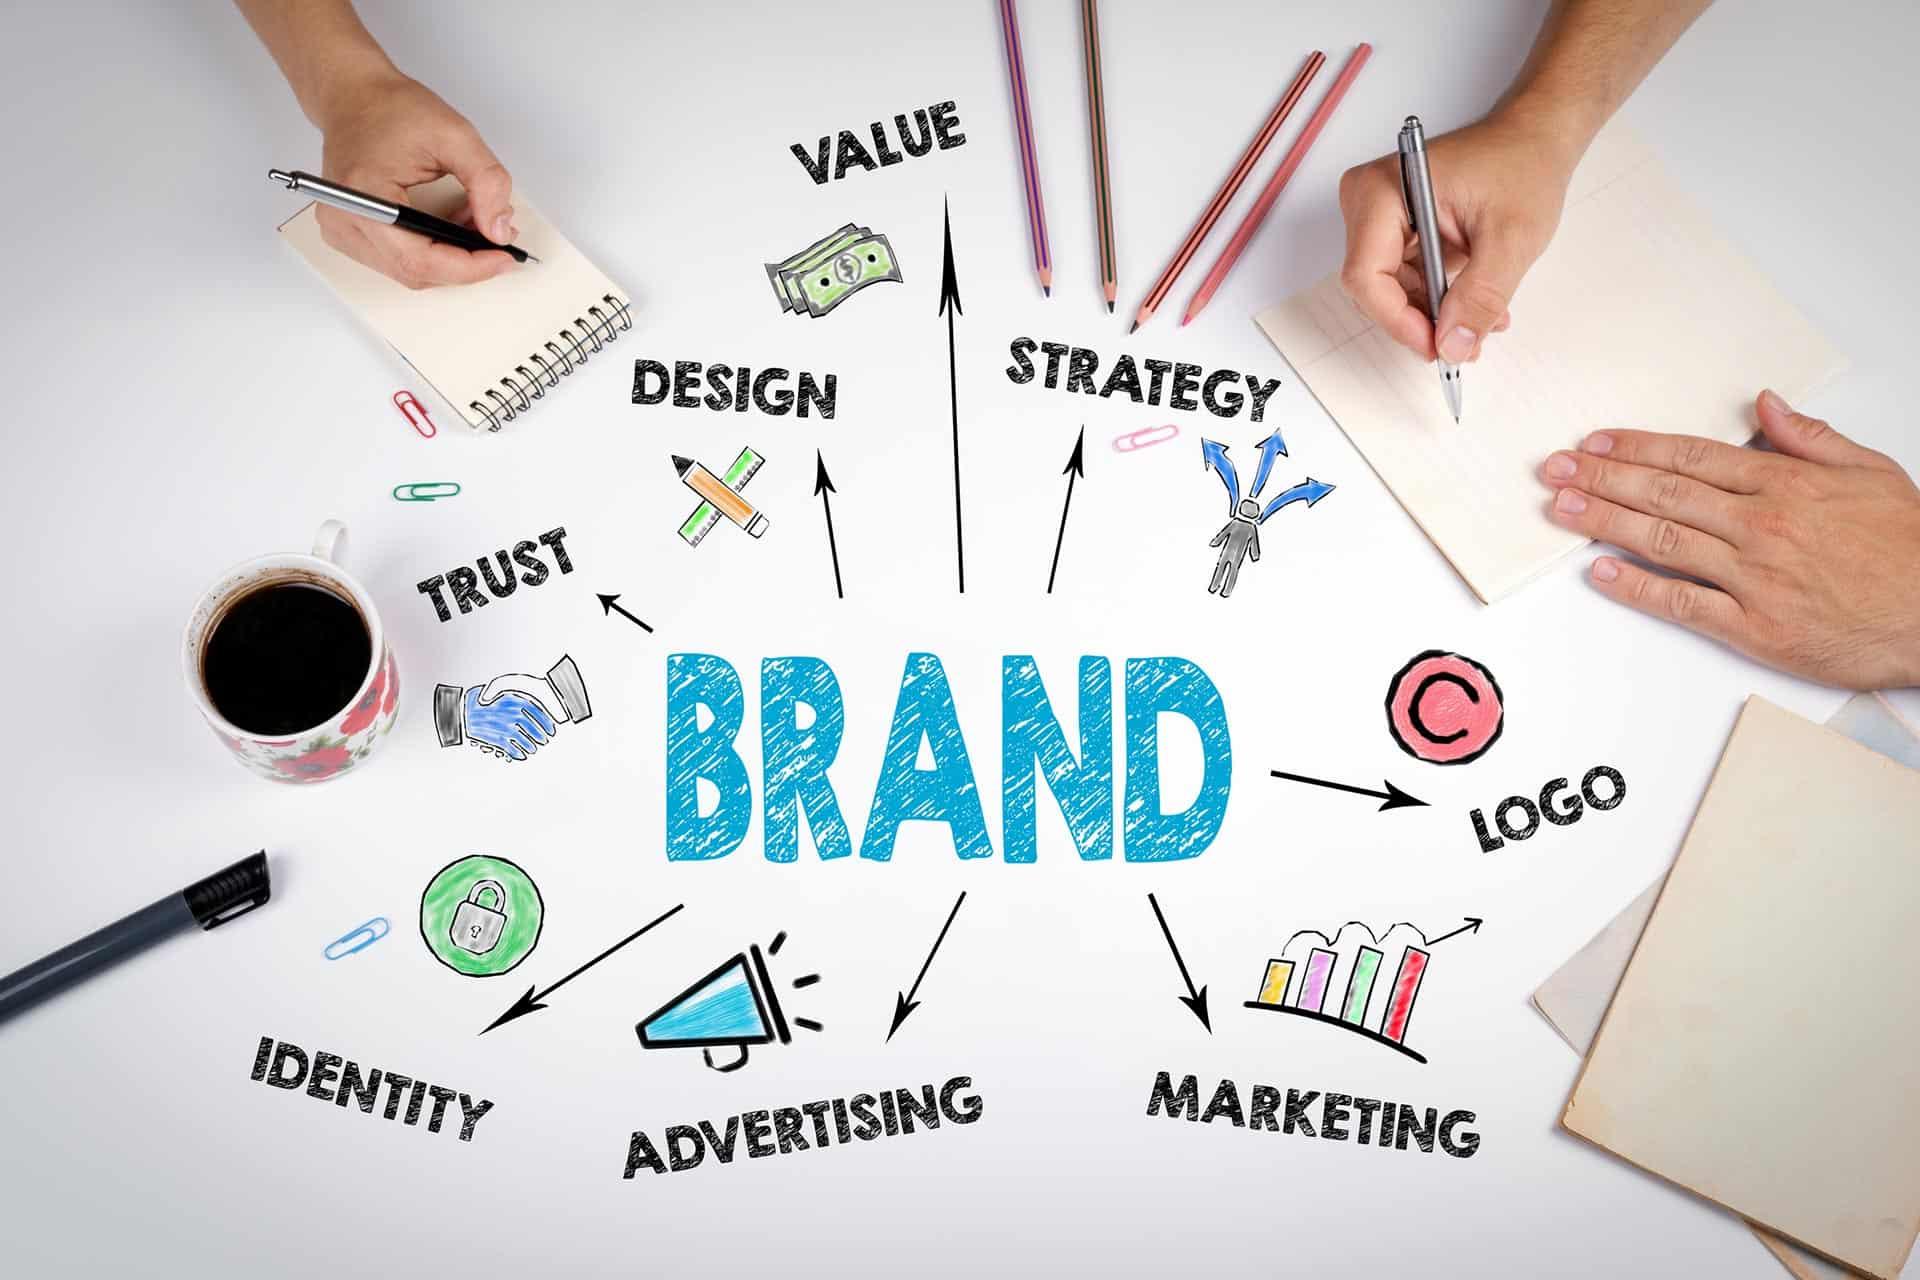 дизайн в маркетинге